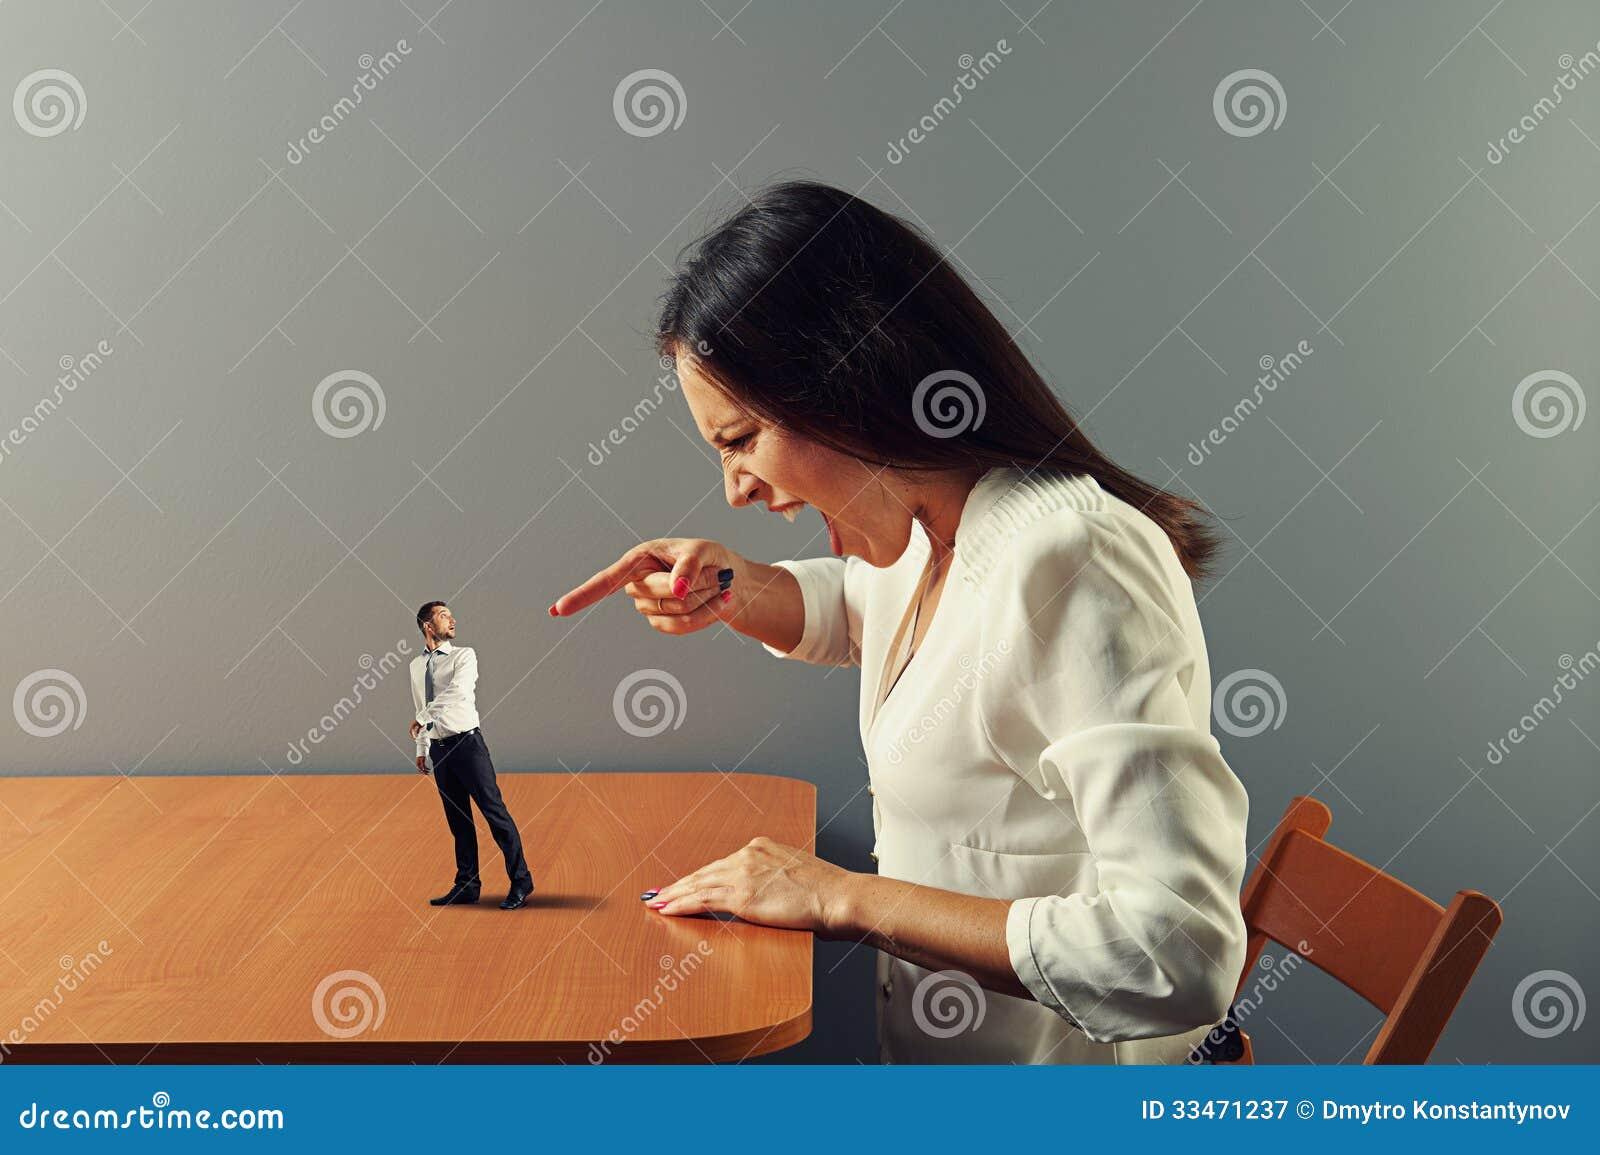 angry woman at man - photo #14